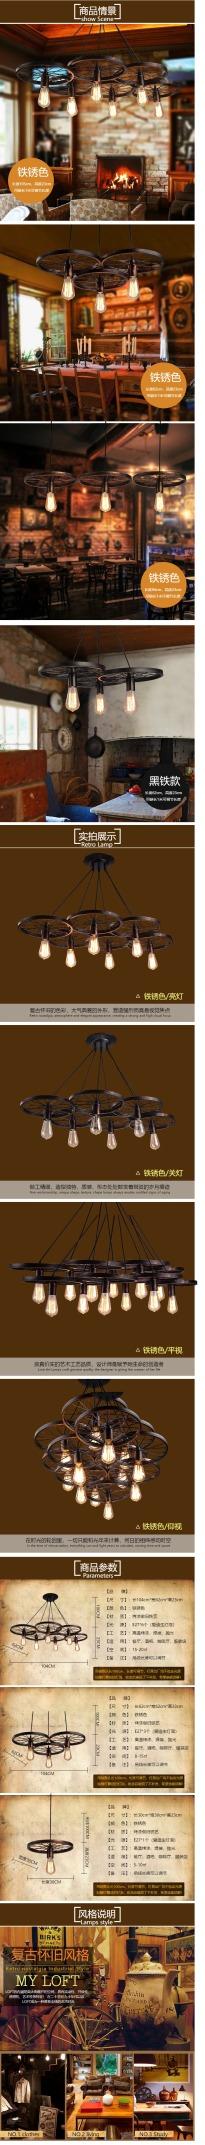 时尚复古车轮灯具电商详情页